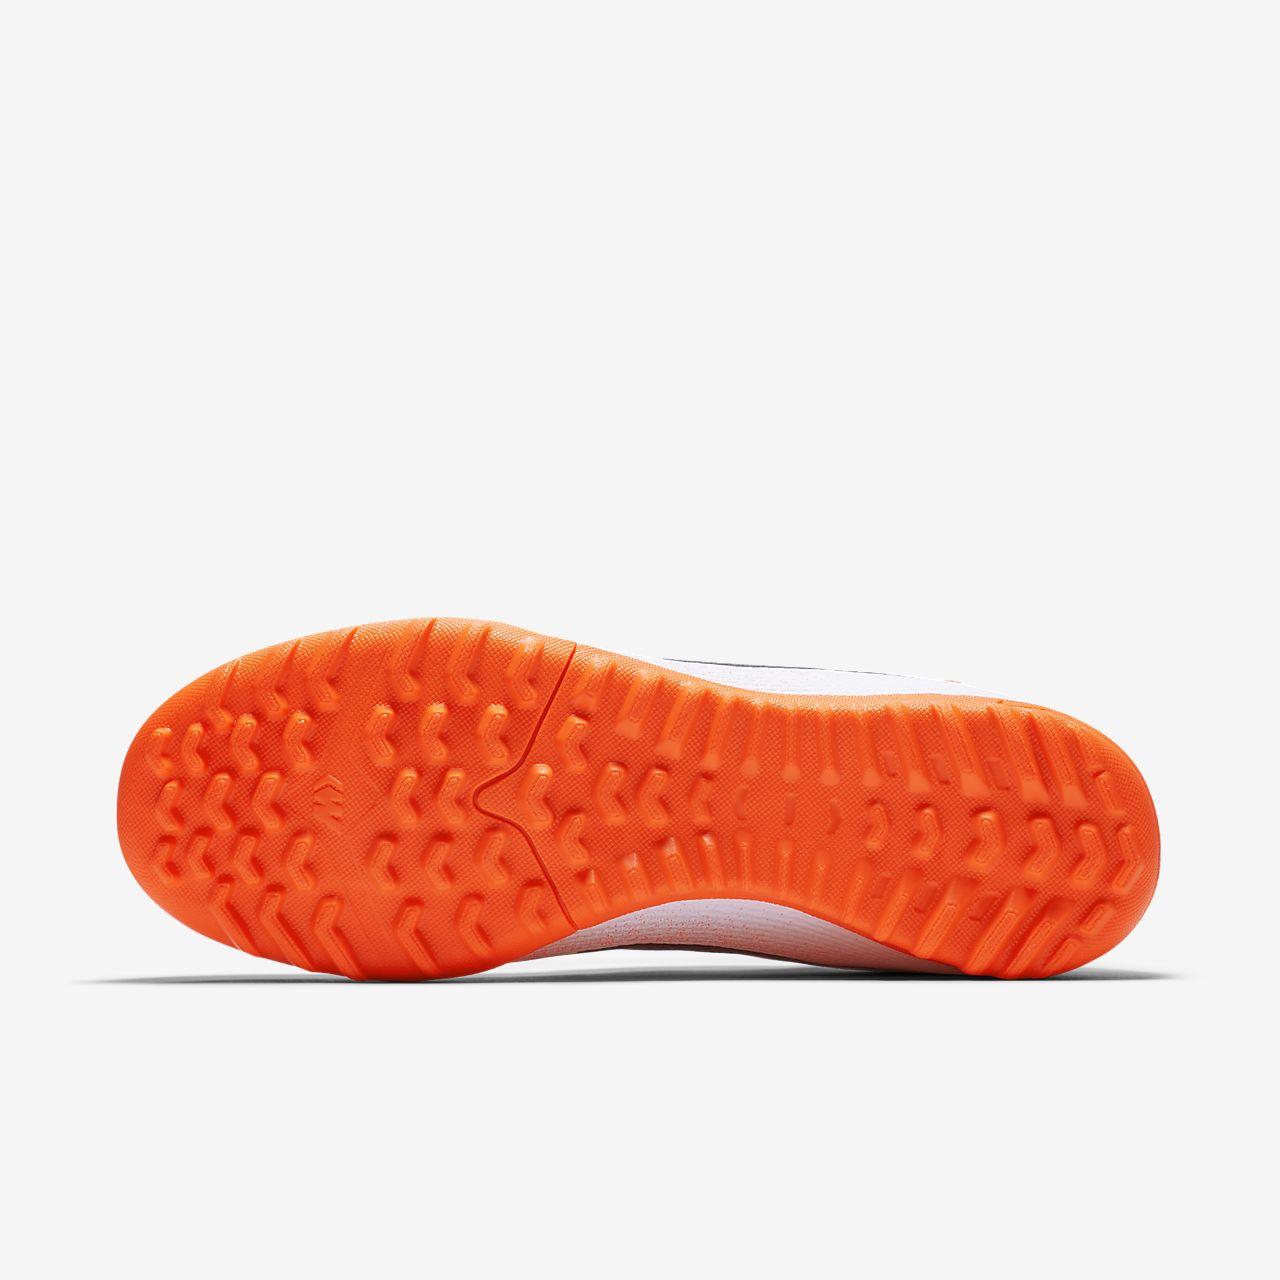 5b55331e9a3 Calzado de fútbol para pasto artificial Nike SuperflyX 6 Academy TF ...